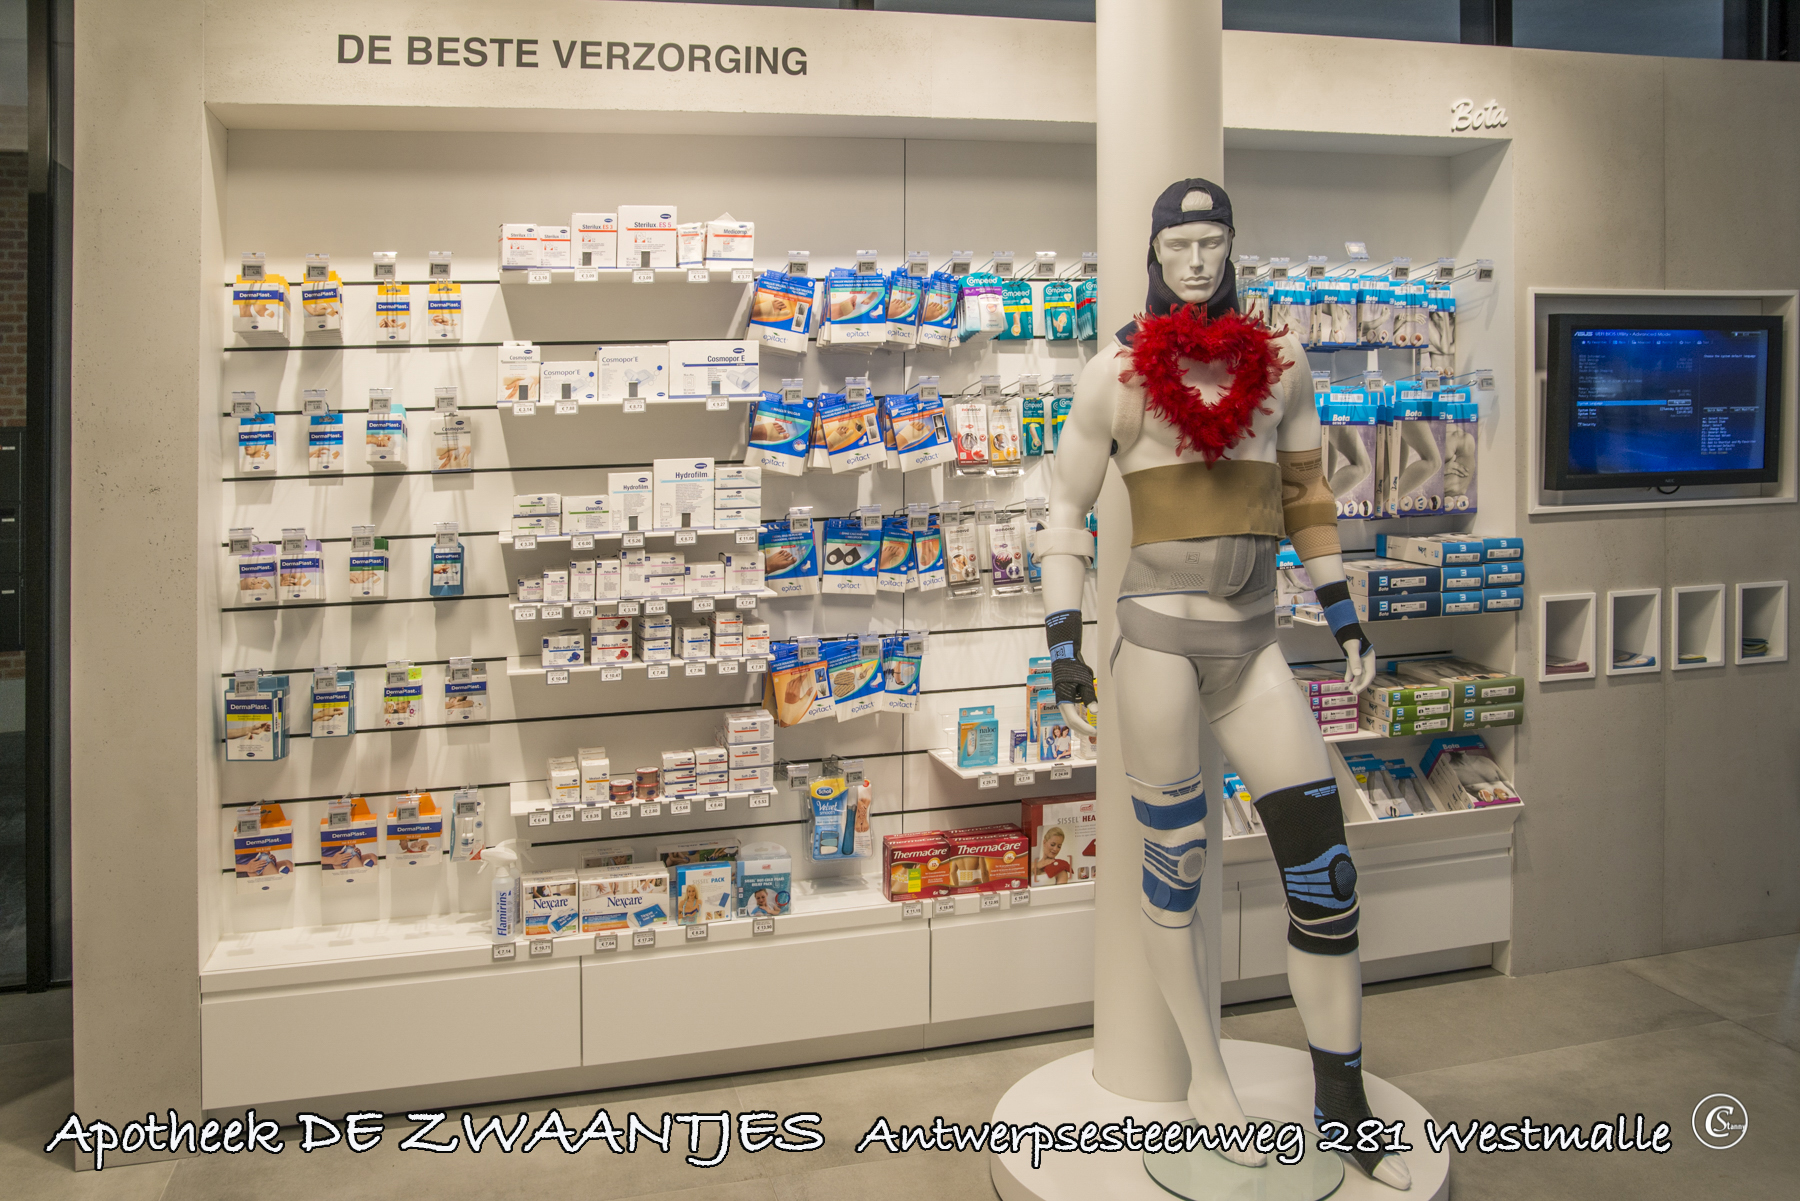 Apotheek-de-zwaantjes-3